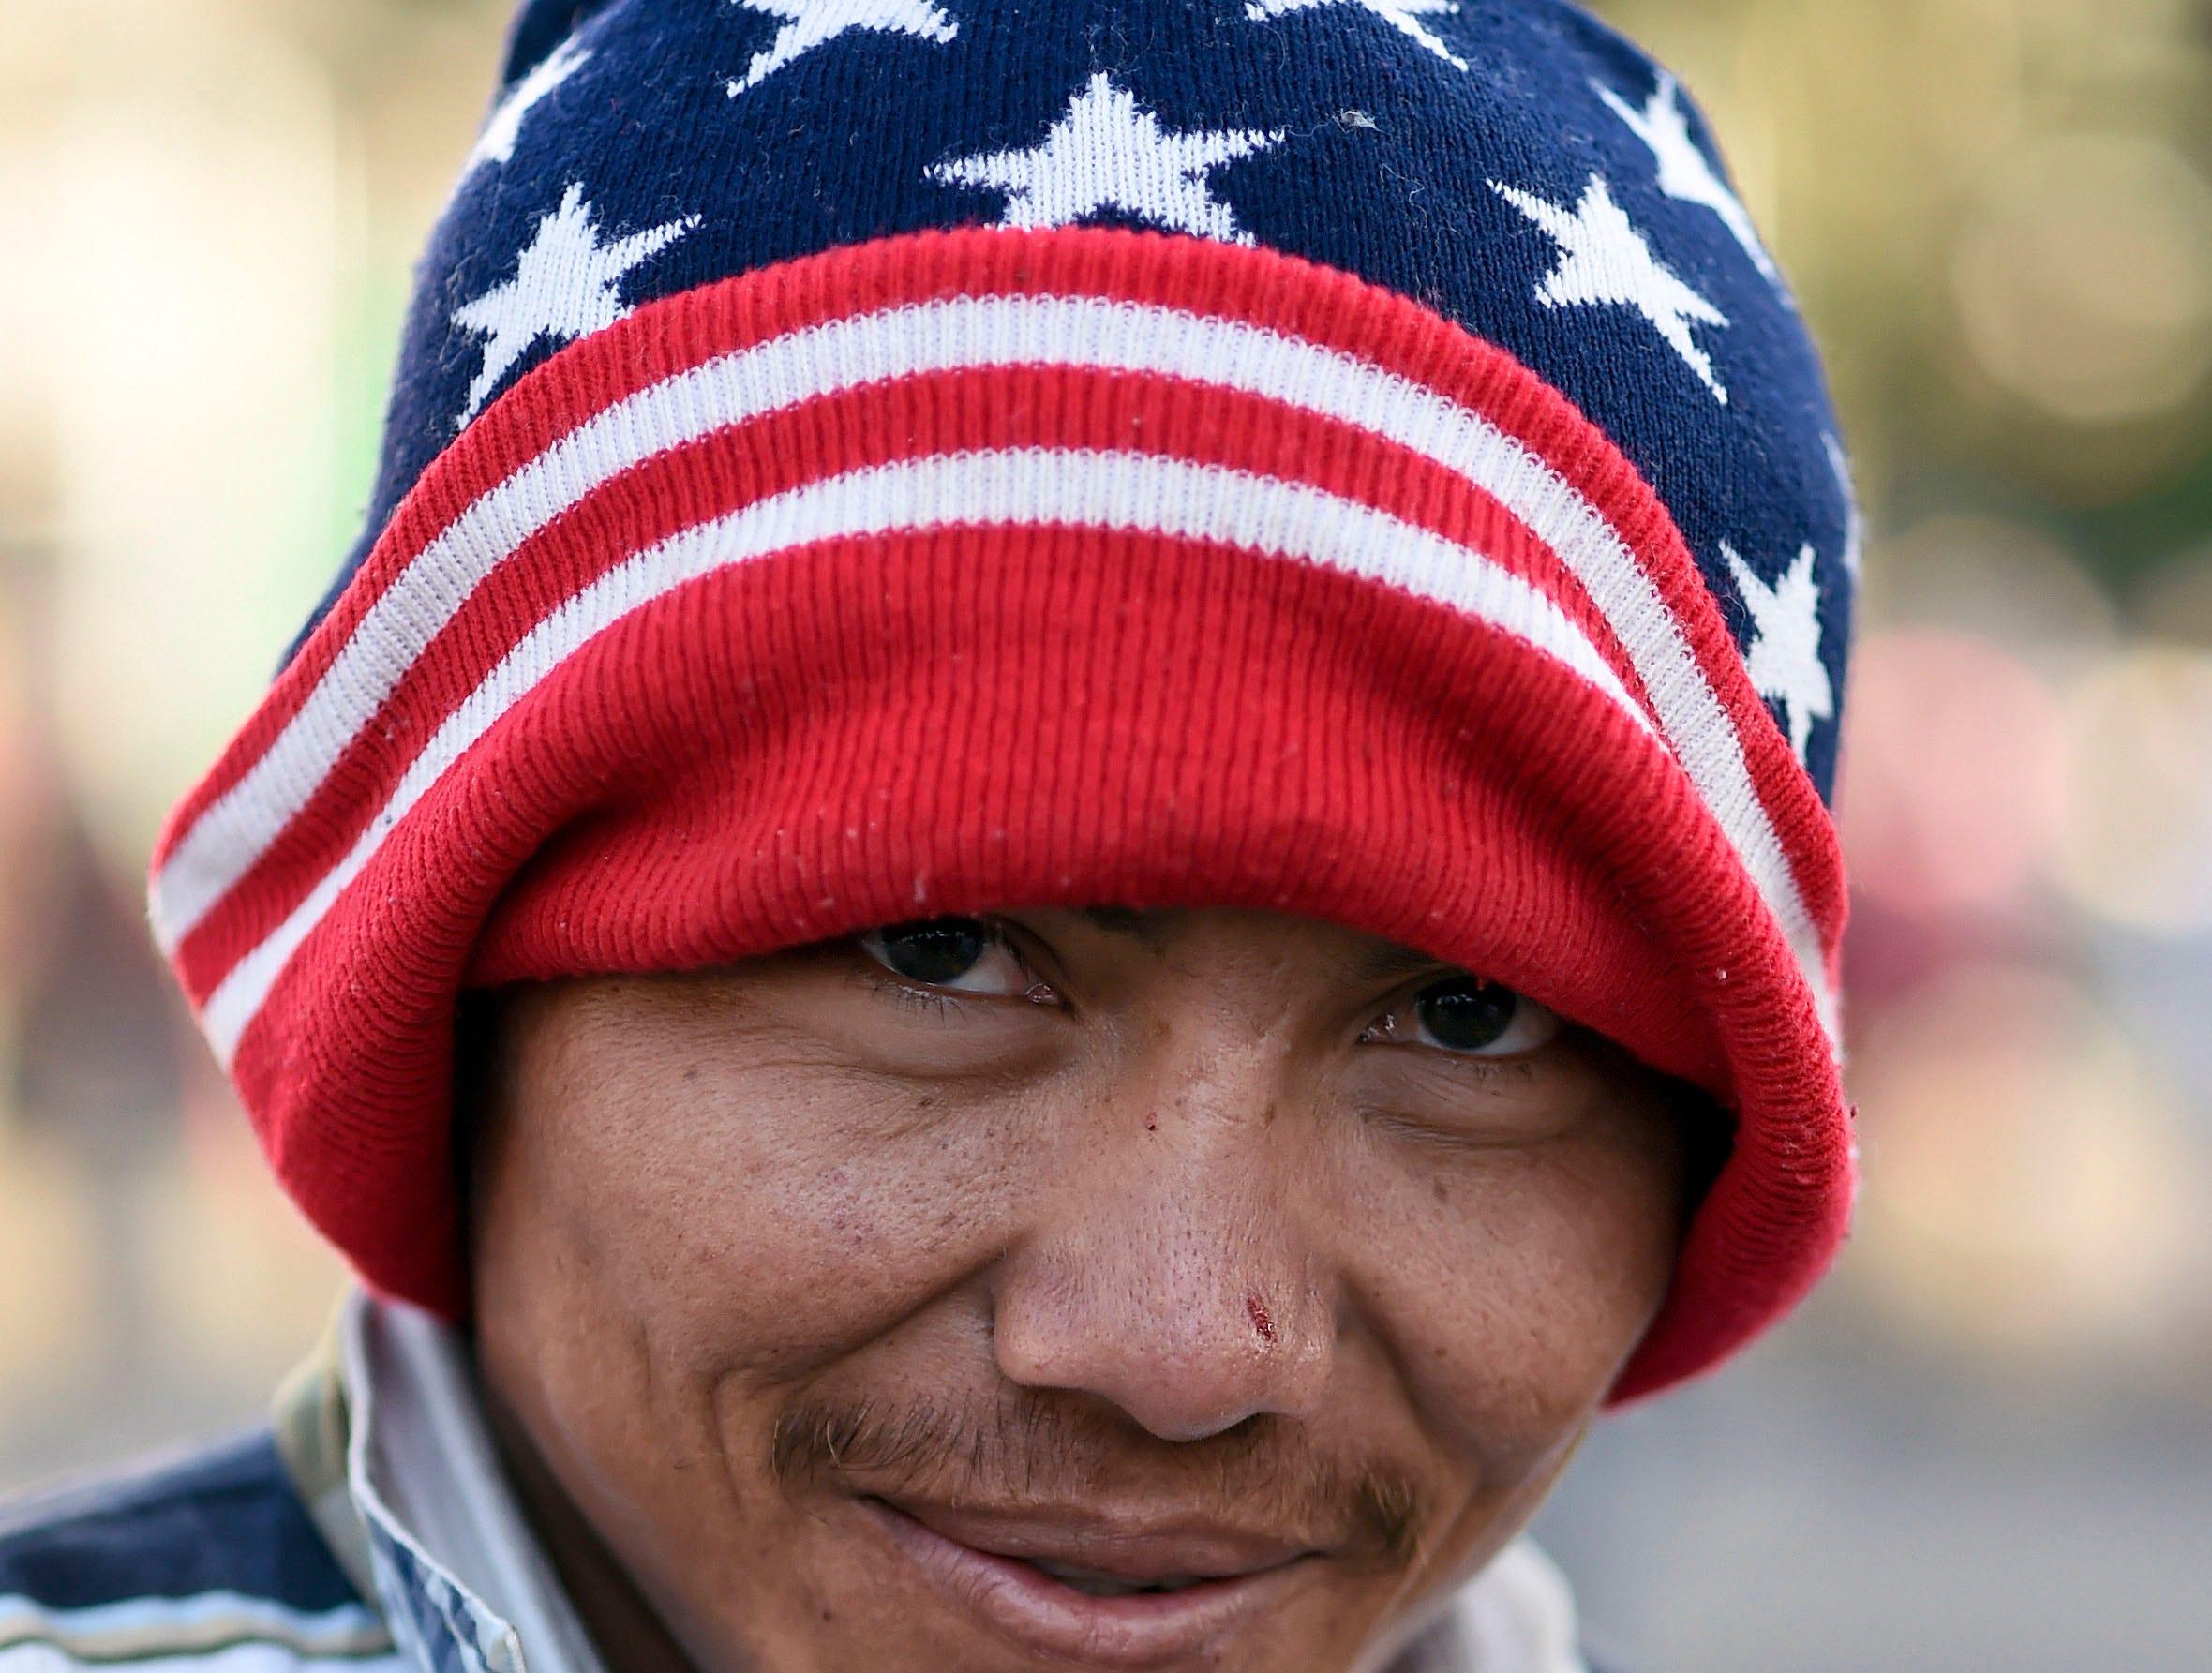 Carlos Alfredo Rivera, hondureño, 25 años. Estos son los rostros de los migrantes centroamericanos que huyen de la pobreza y violencia que se vive en sus países; y que por medio de una caravana caminan cientos de kilómetros cruzando ciudades, ríos, carreteras, bosques y fronteras, con el firme propósito de hacer realidad su sueño de llegar a los Estados Unidos.